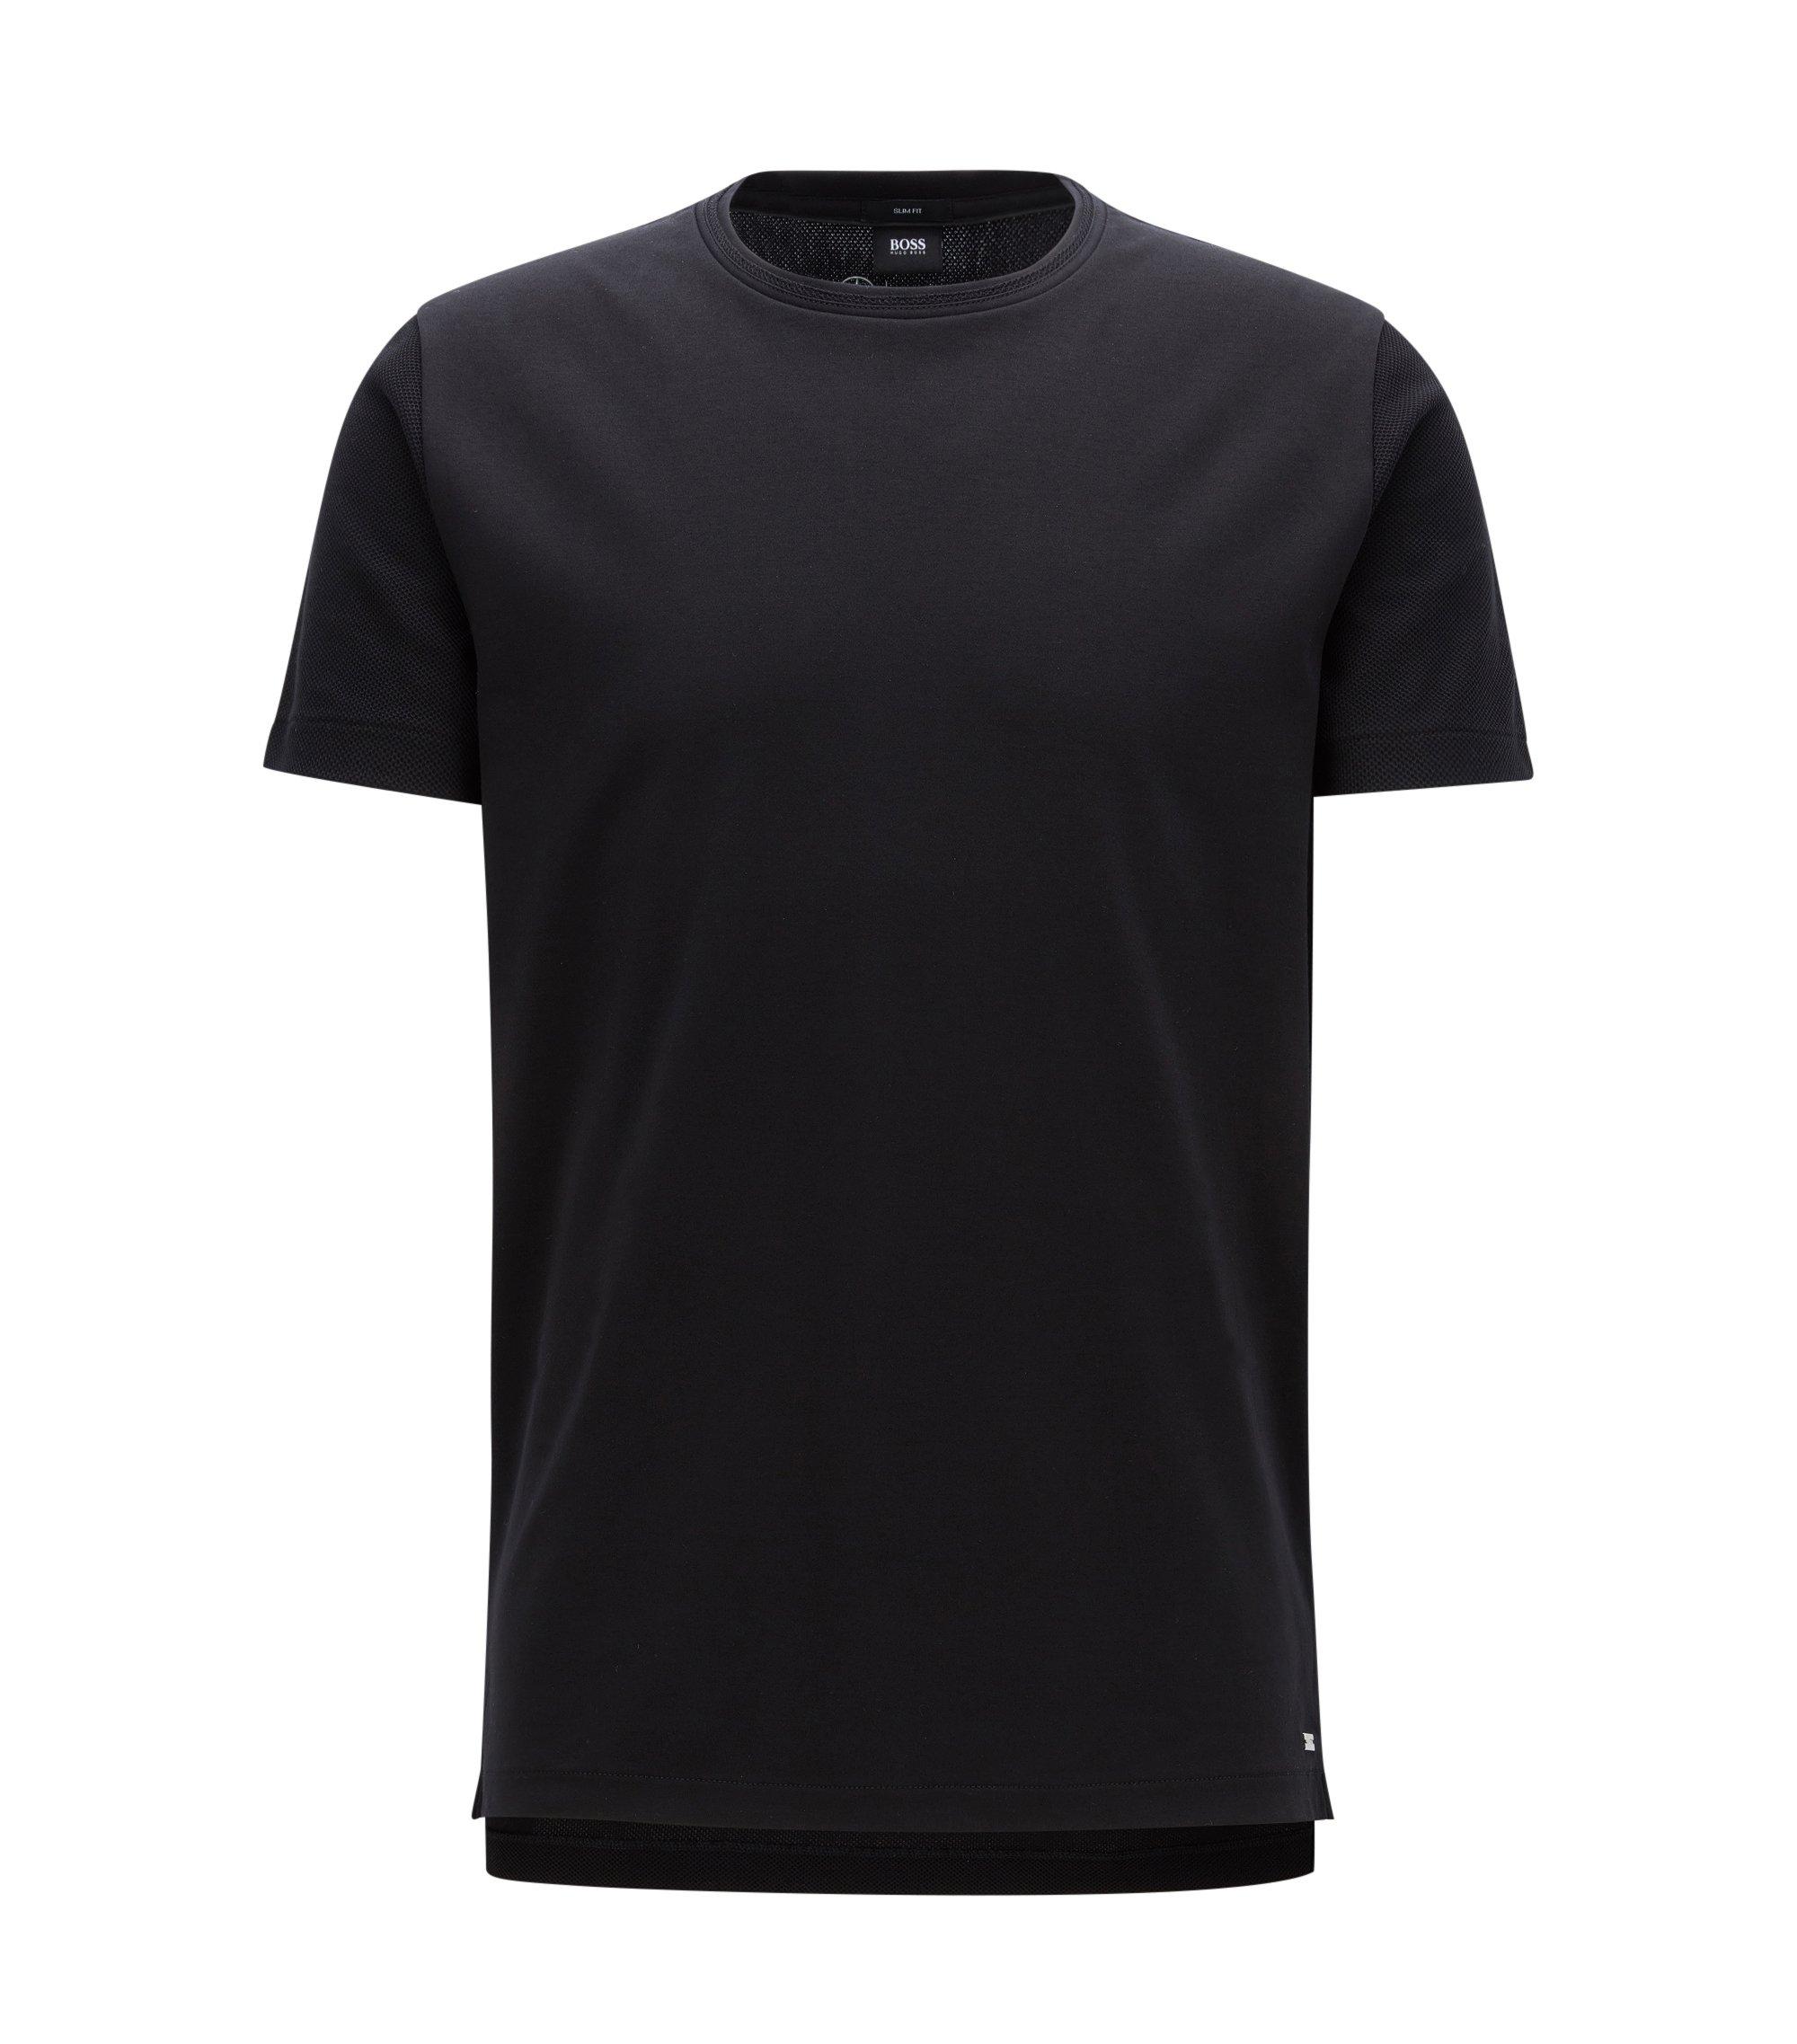 'Tessler' | Mercedes-Benz T-Shirt, Black